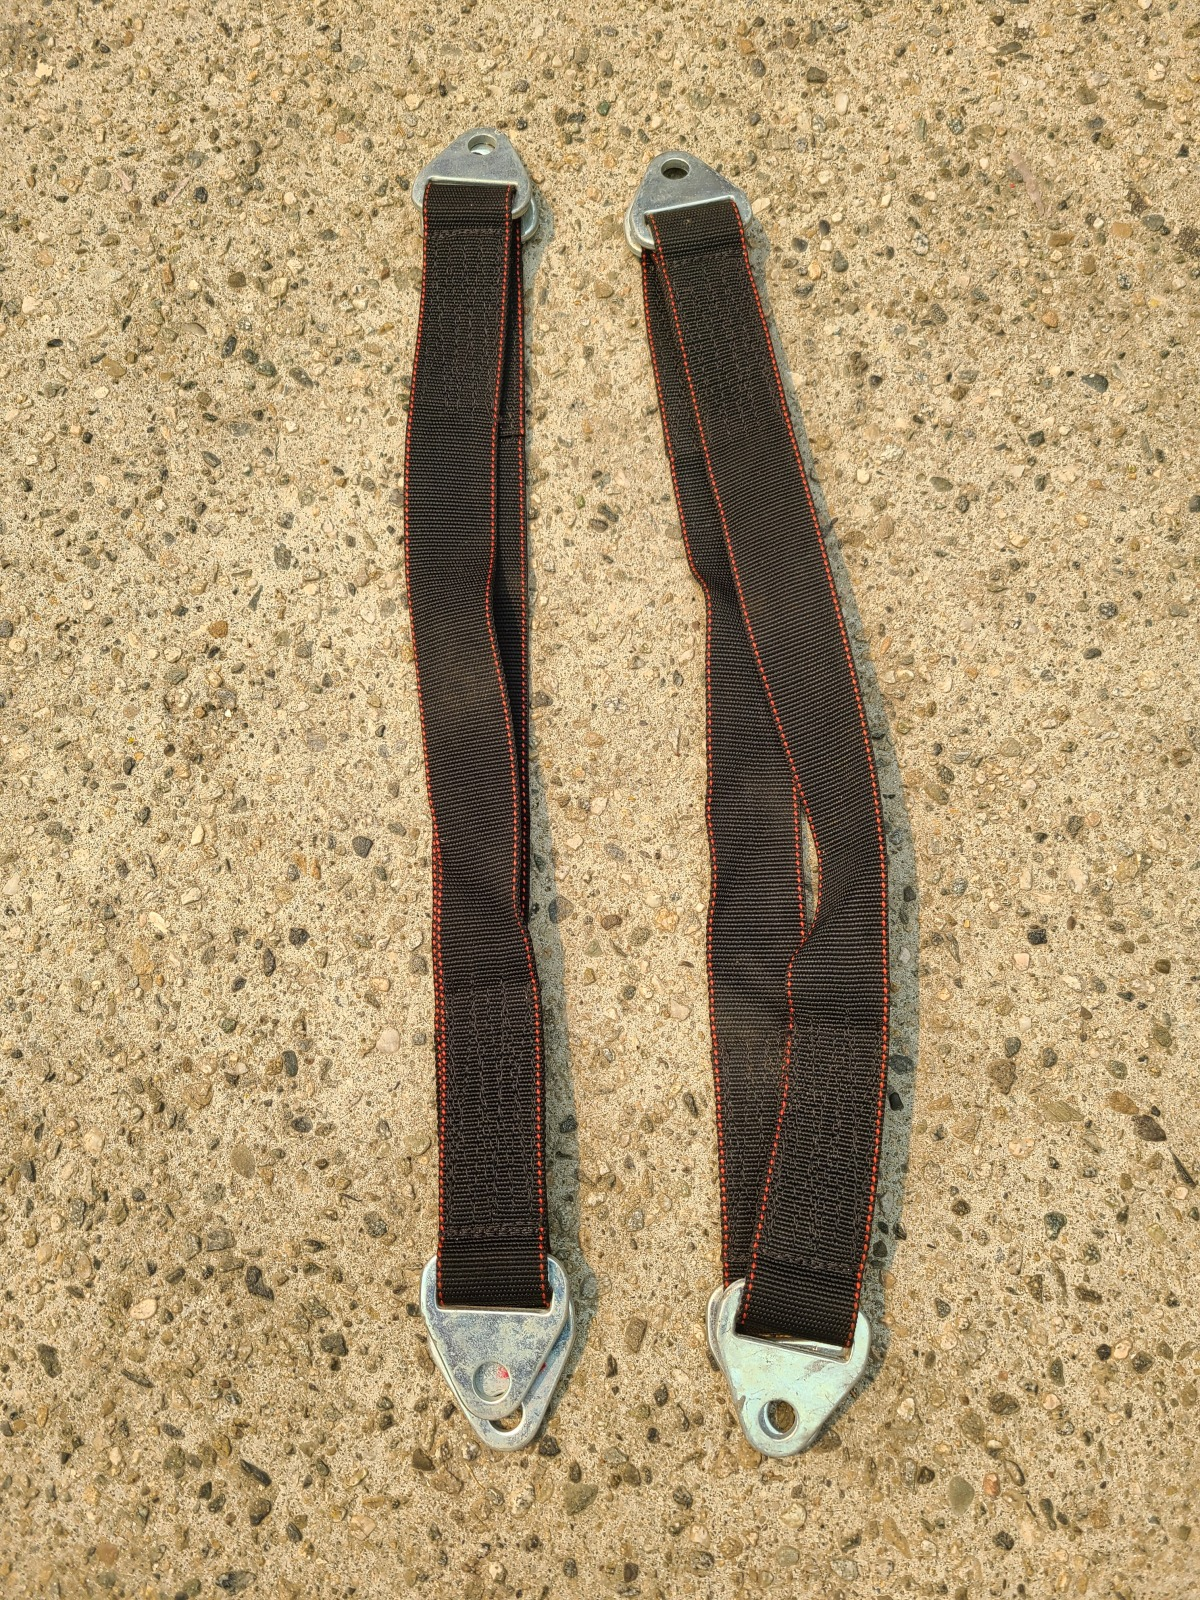 For Sale: Limit straps - photo0